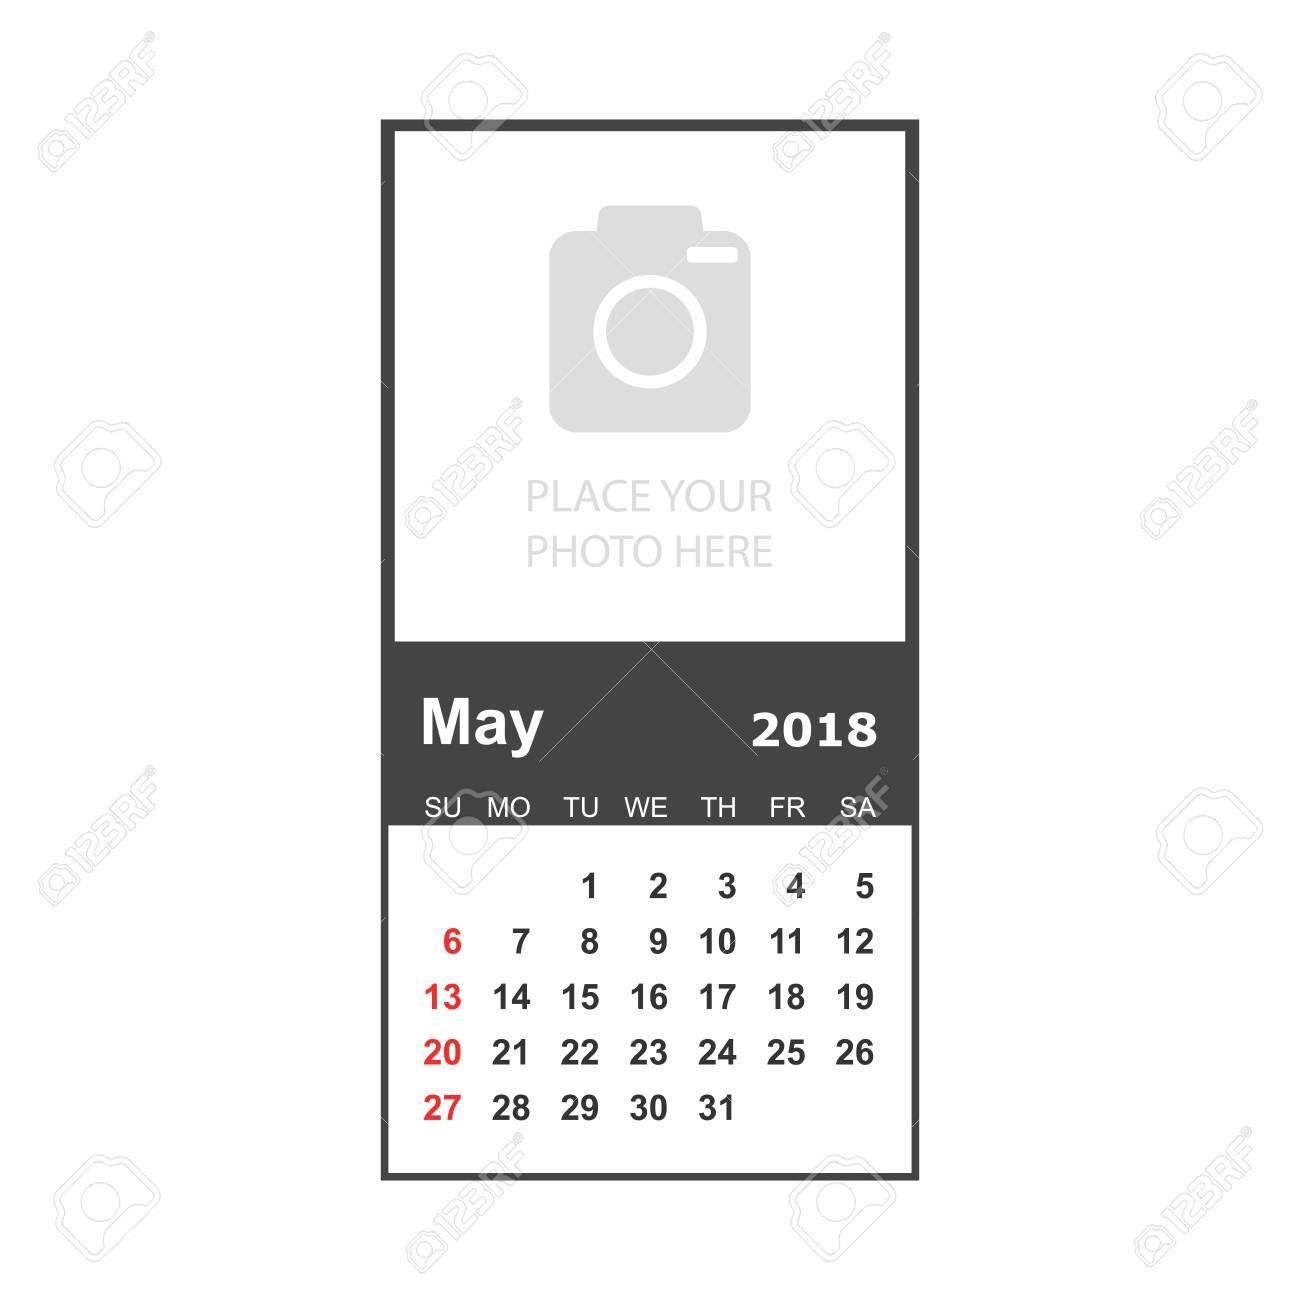 Mayo De 2018 Calendario. Plantilla De Diseño De Planificador De ...